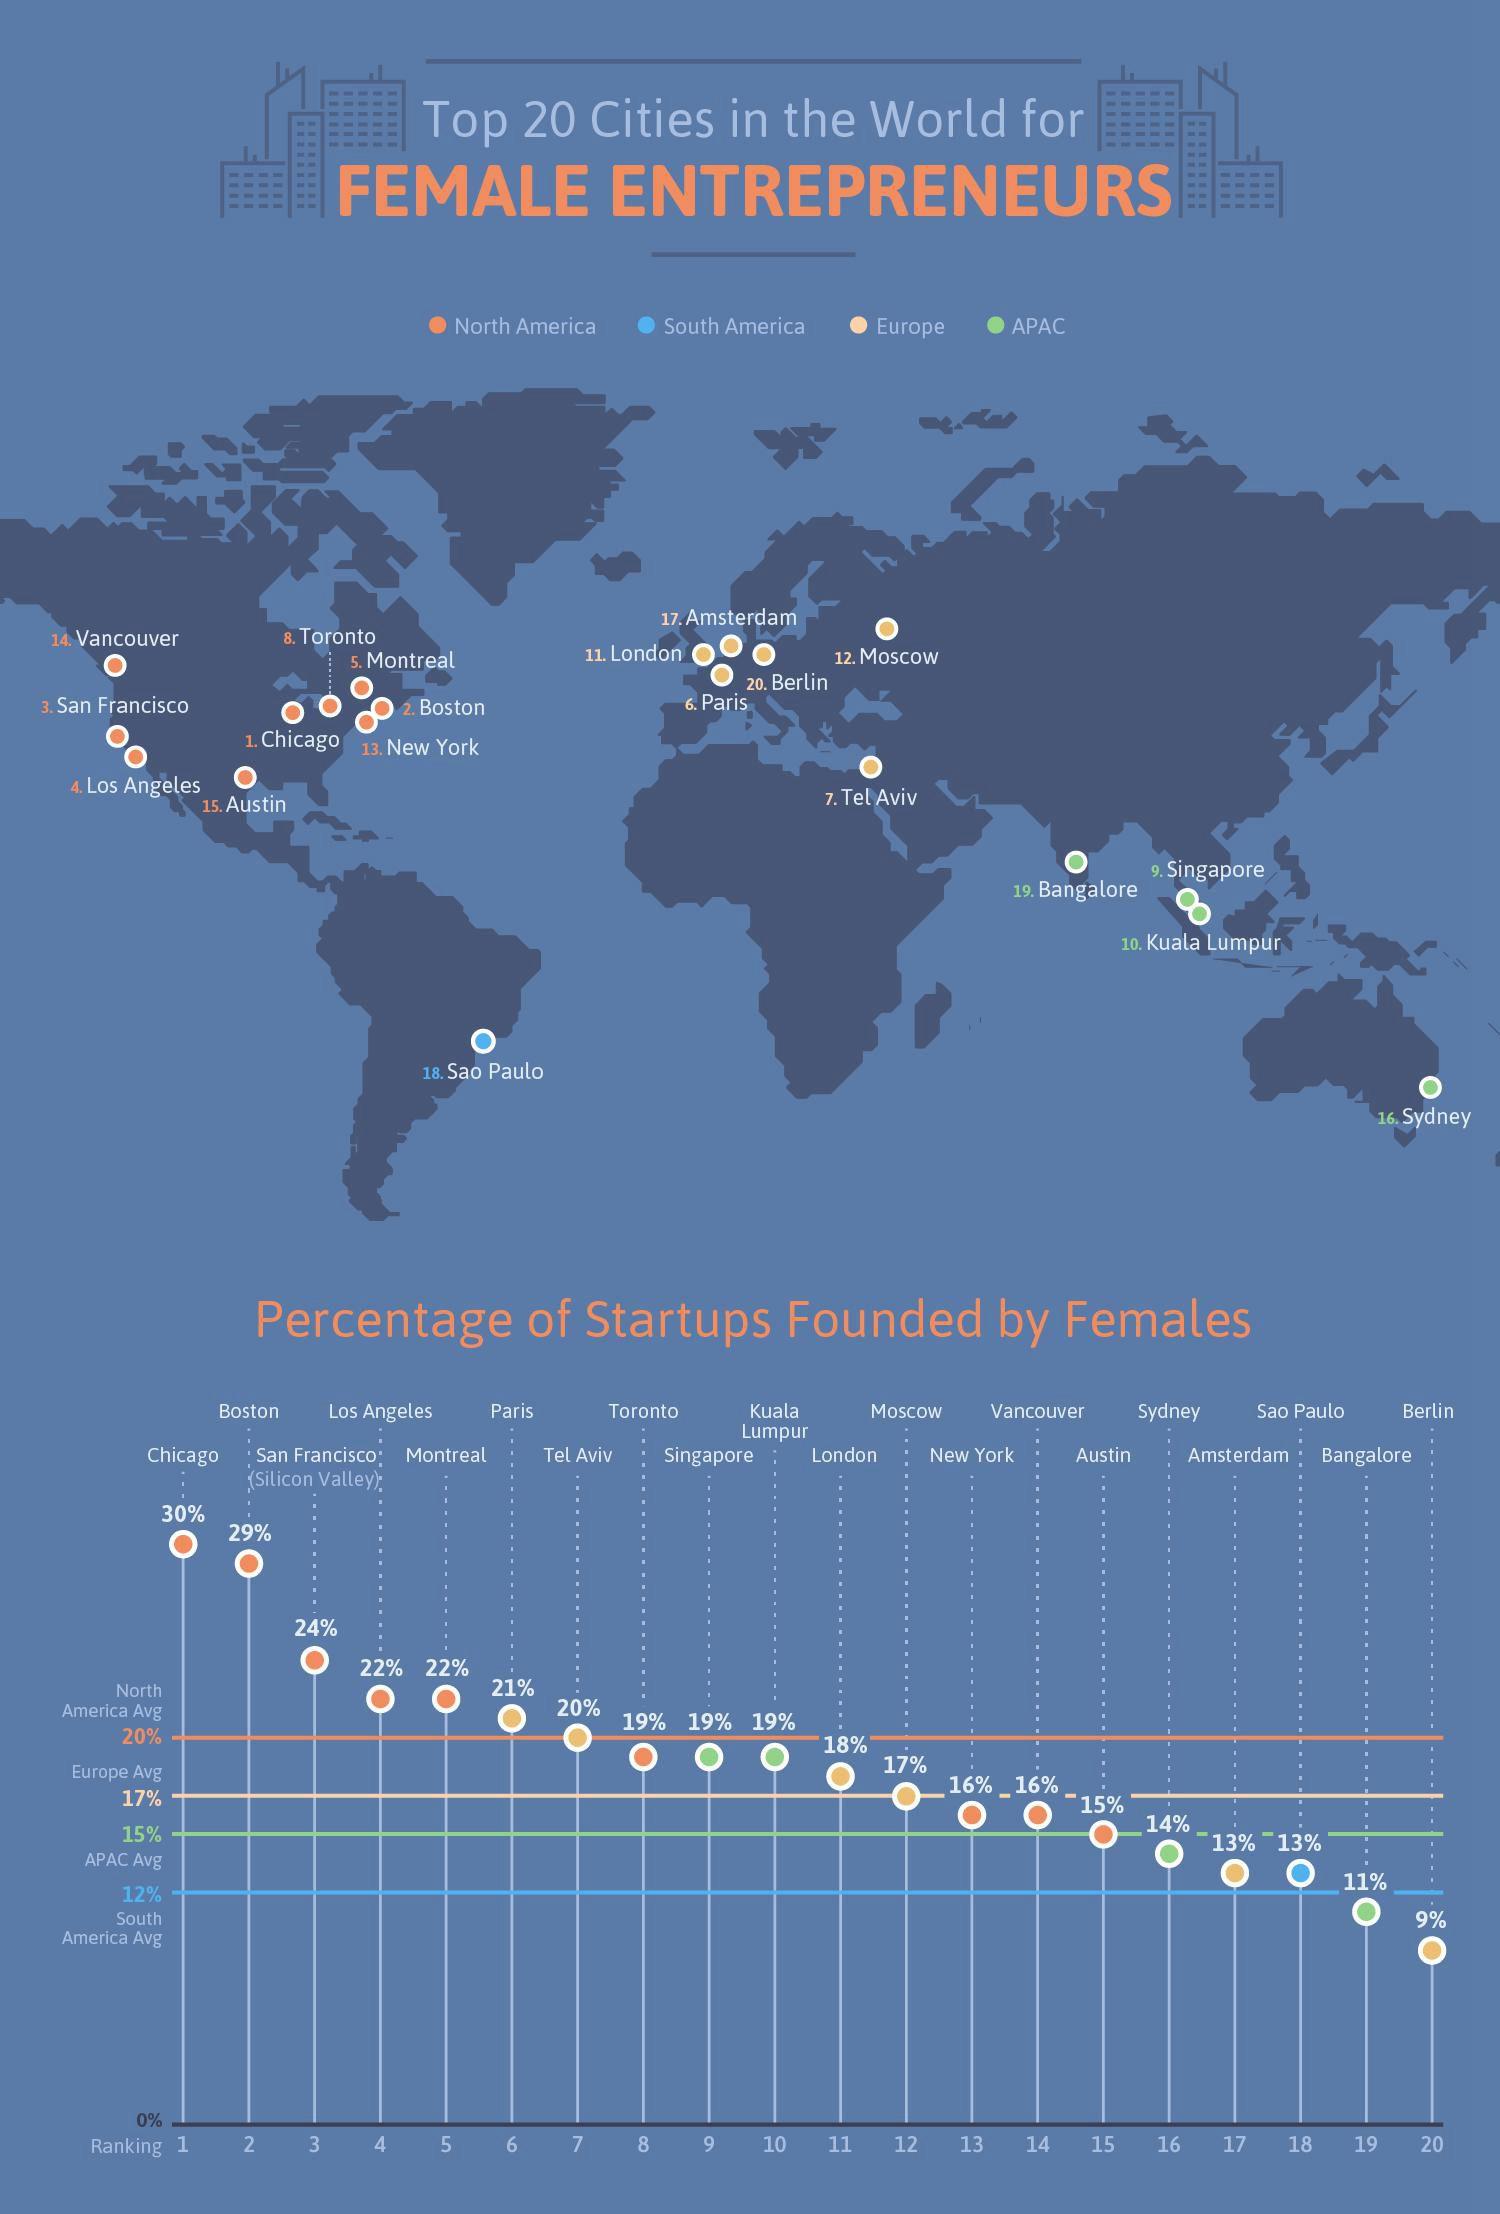 英媒公布全球最适合女性创业城市 中日韩未被统计